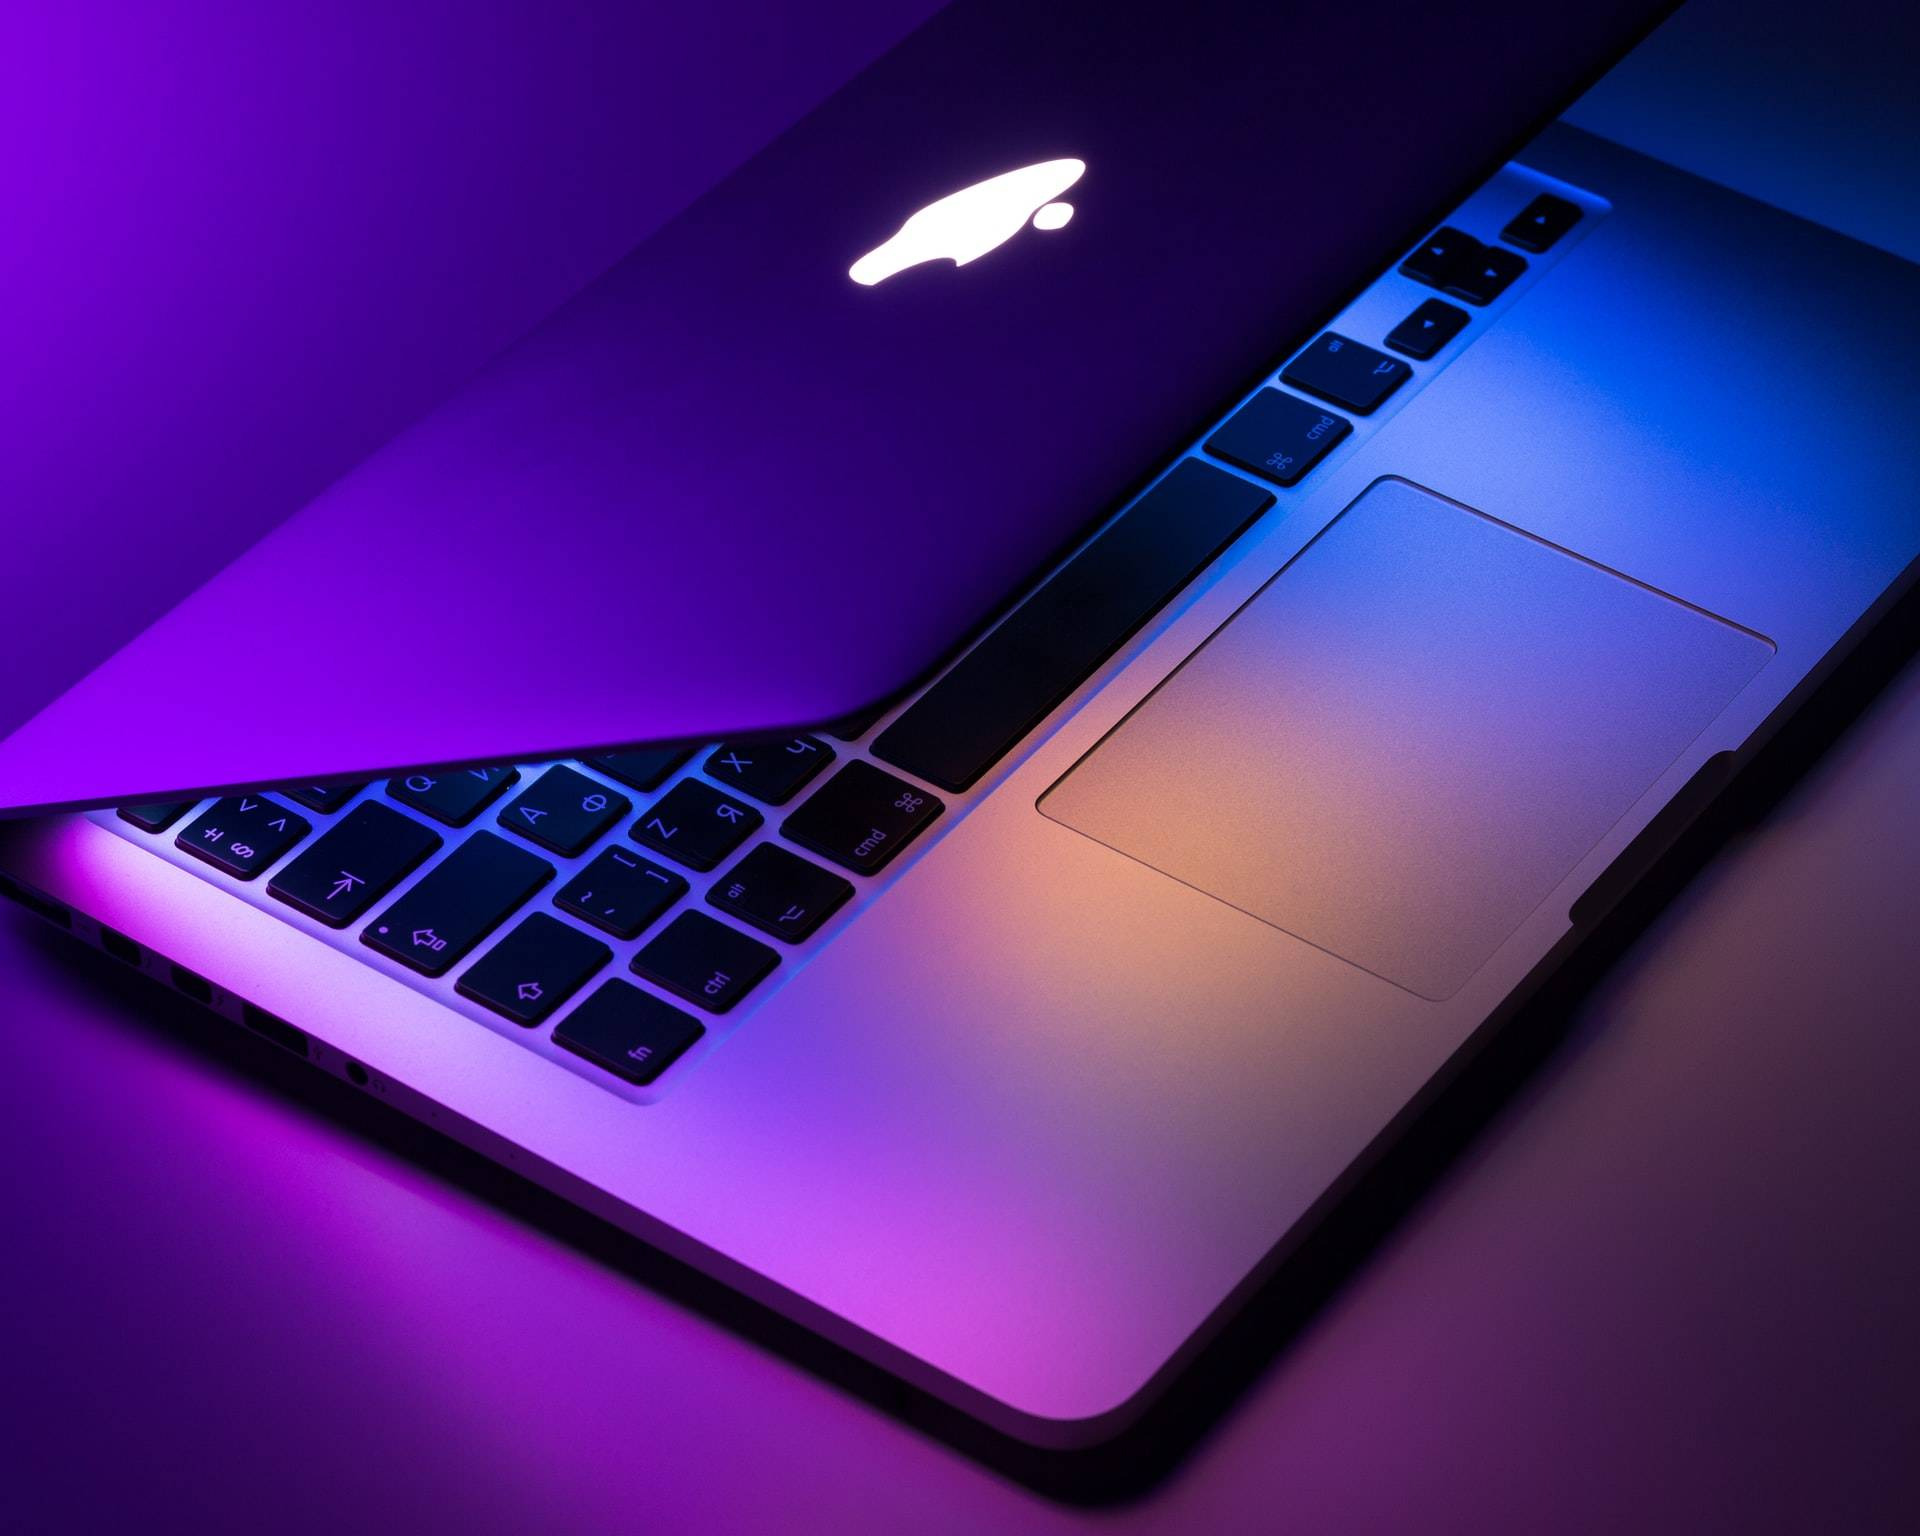 苹果Mac转向自研处理器,与英特尔的CPU正式分手!